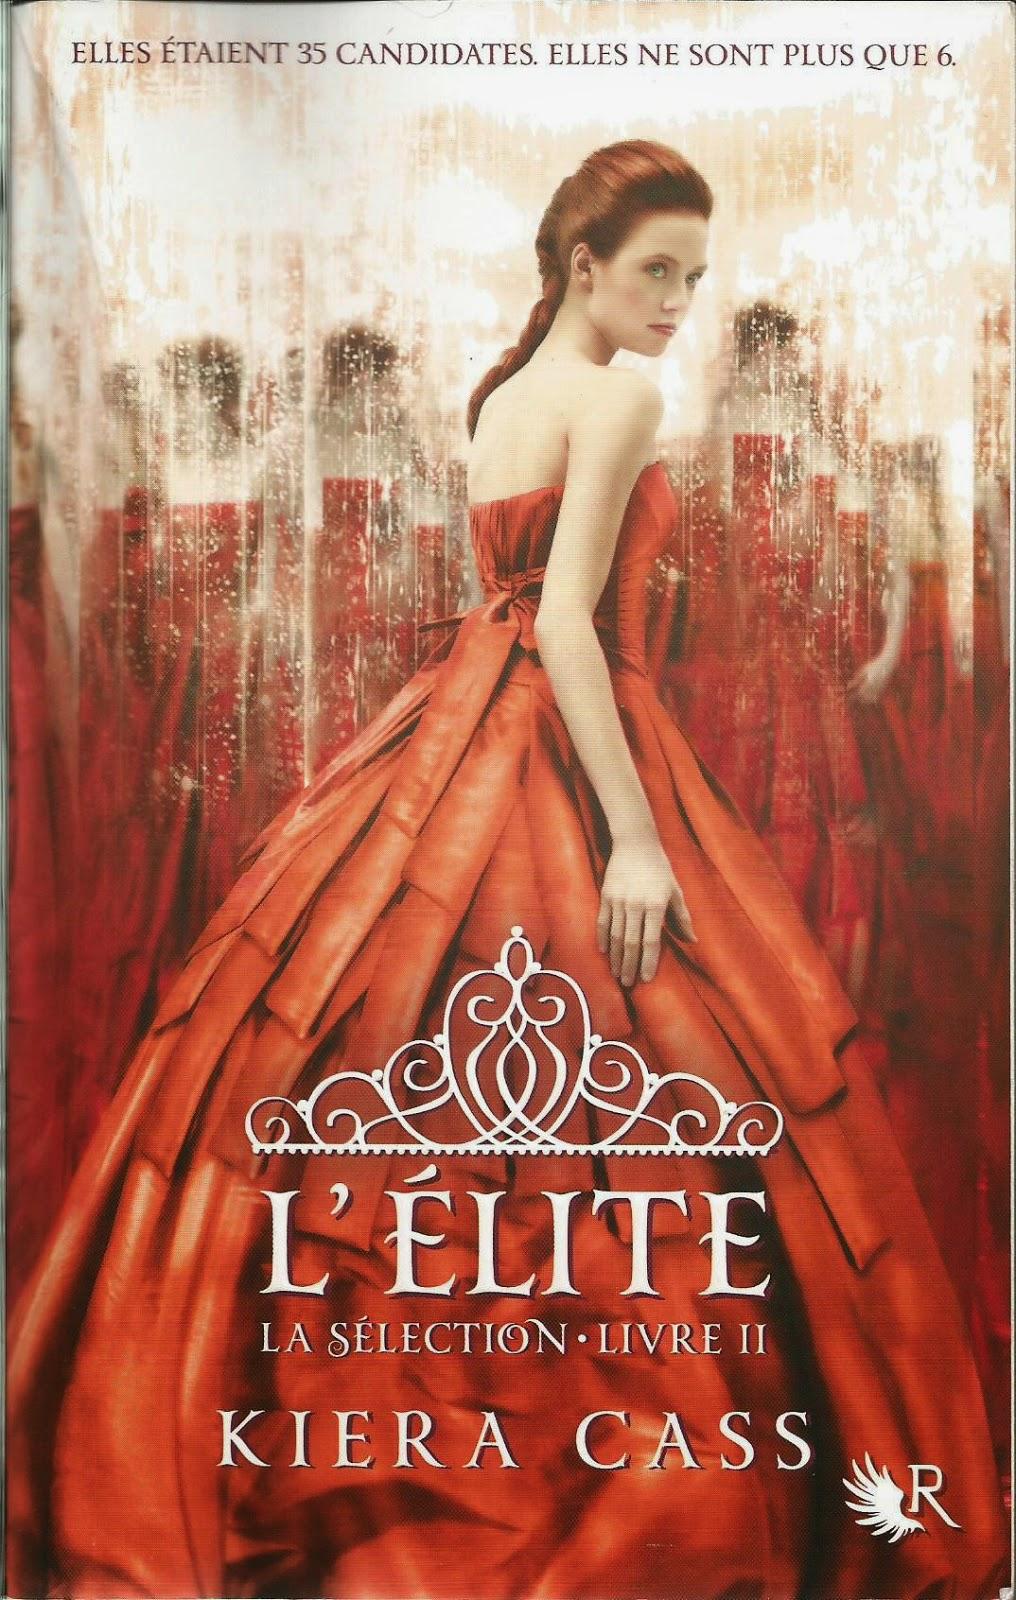 L'Elite (la Selection 2) Kiera Cass - Couverture